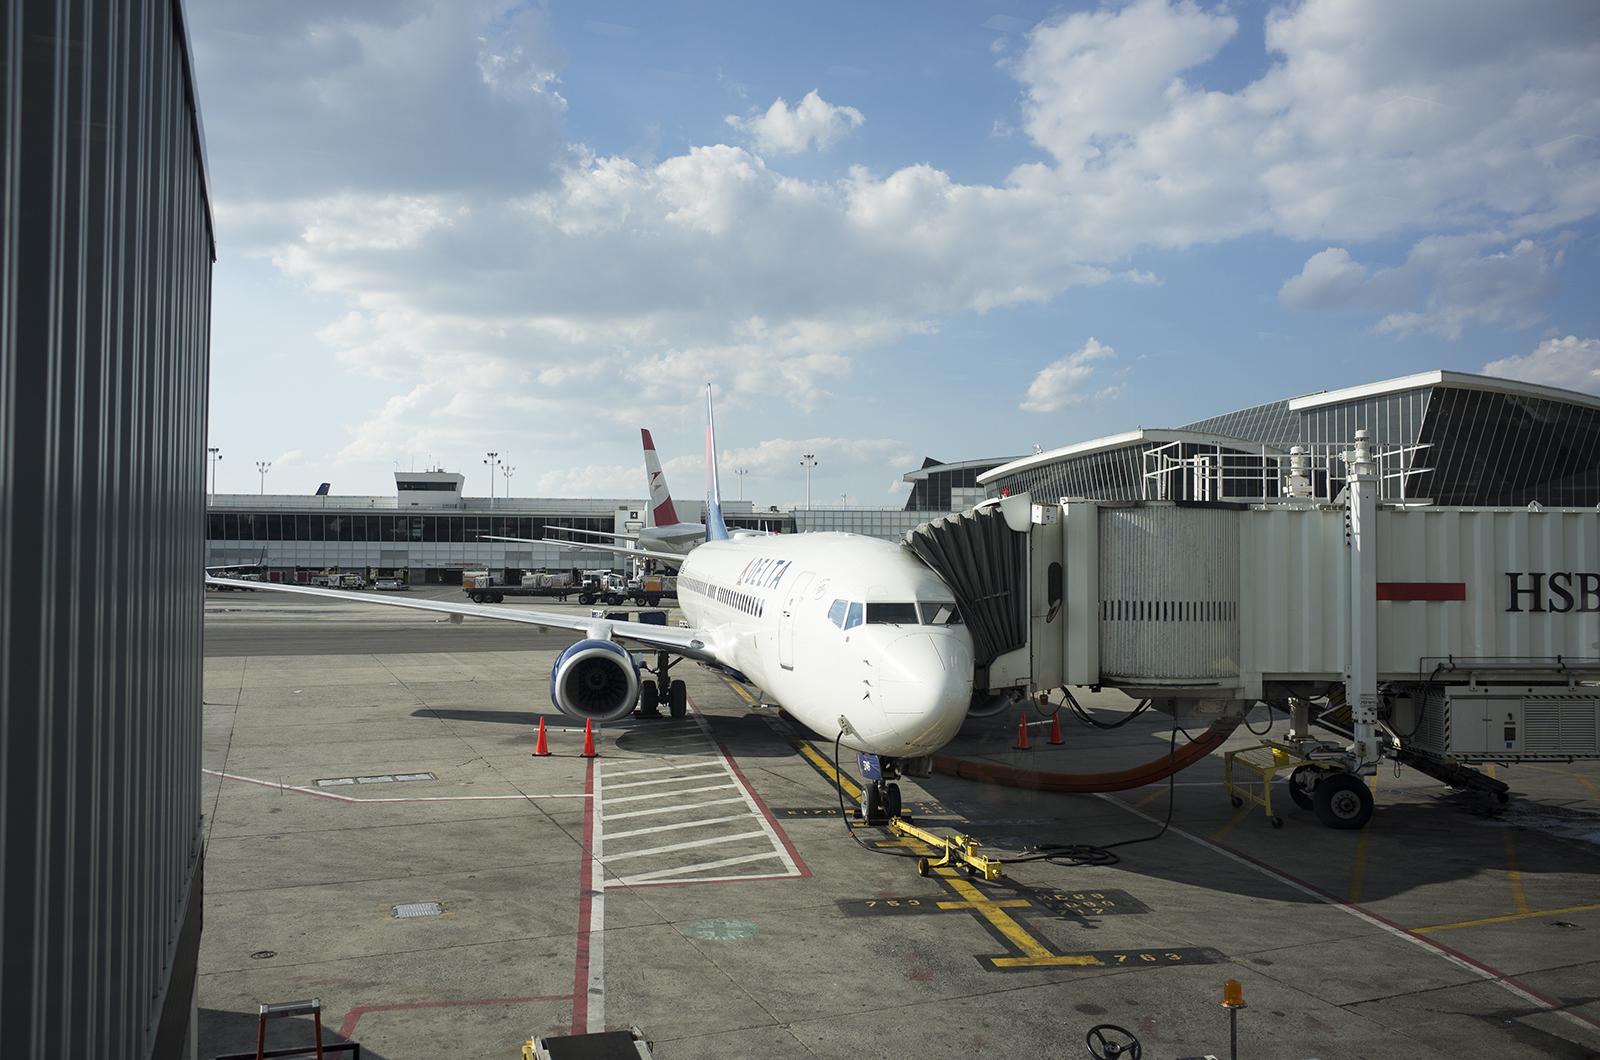 アメリカの旅2014:JFKterminal2乗る飛行機